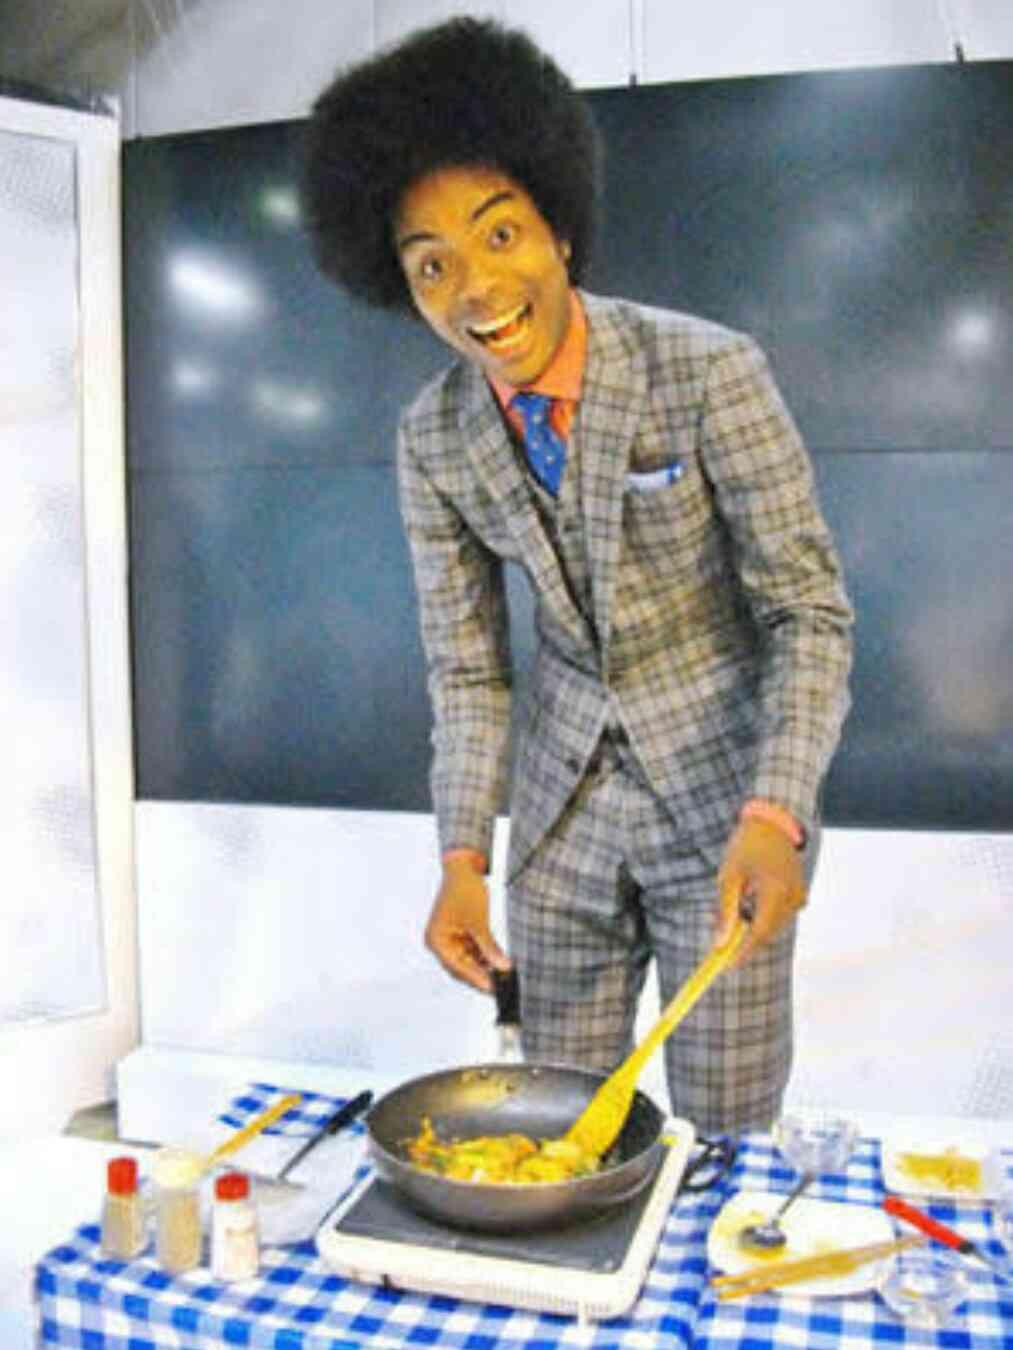 博多華丸・大吉、新MC『あさイチ』でいきなり自虐「違和感しかない」「悪気があって出てるわけではない」